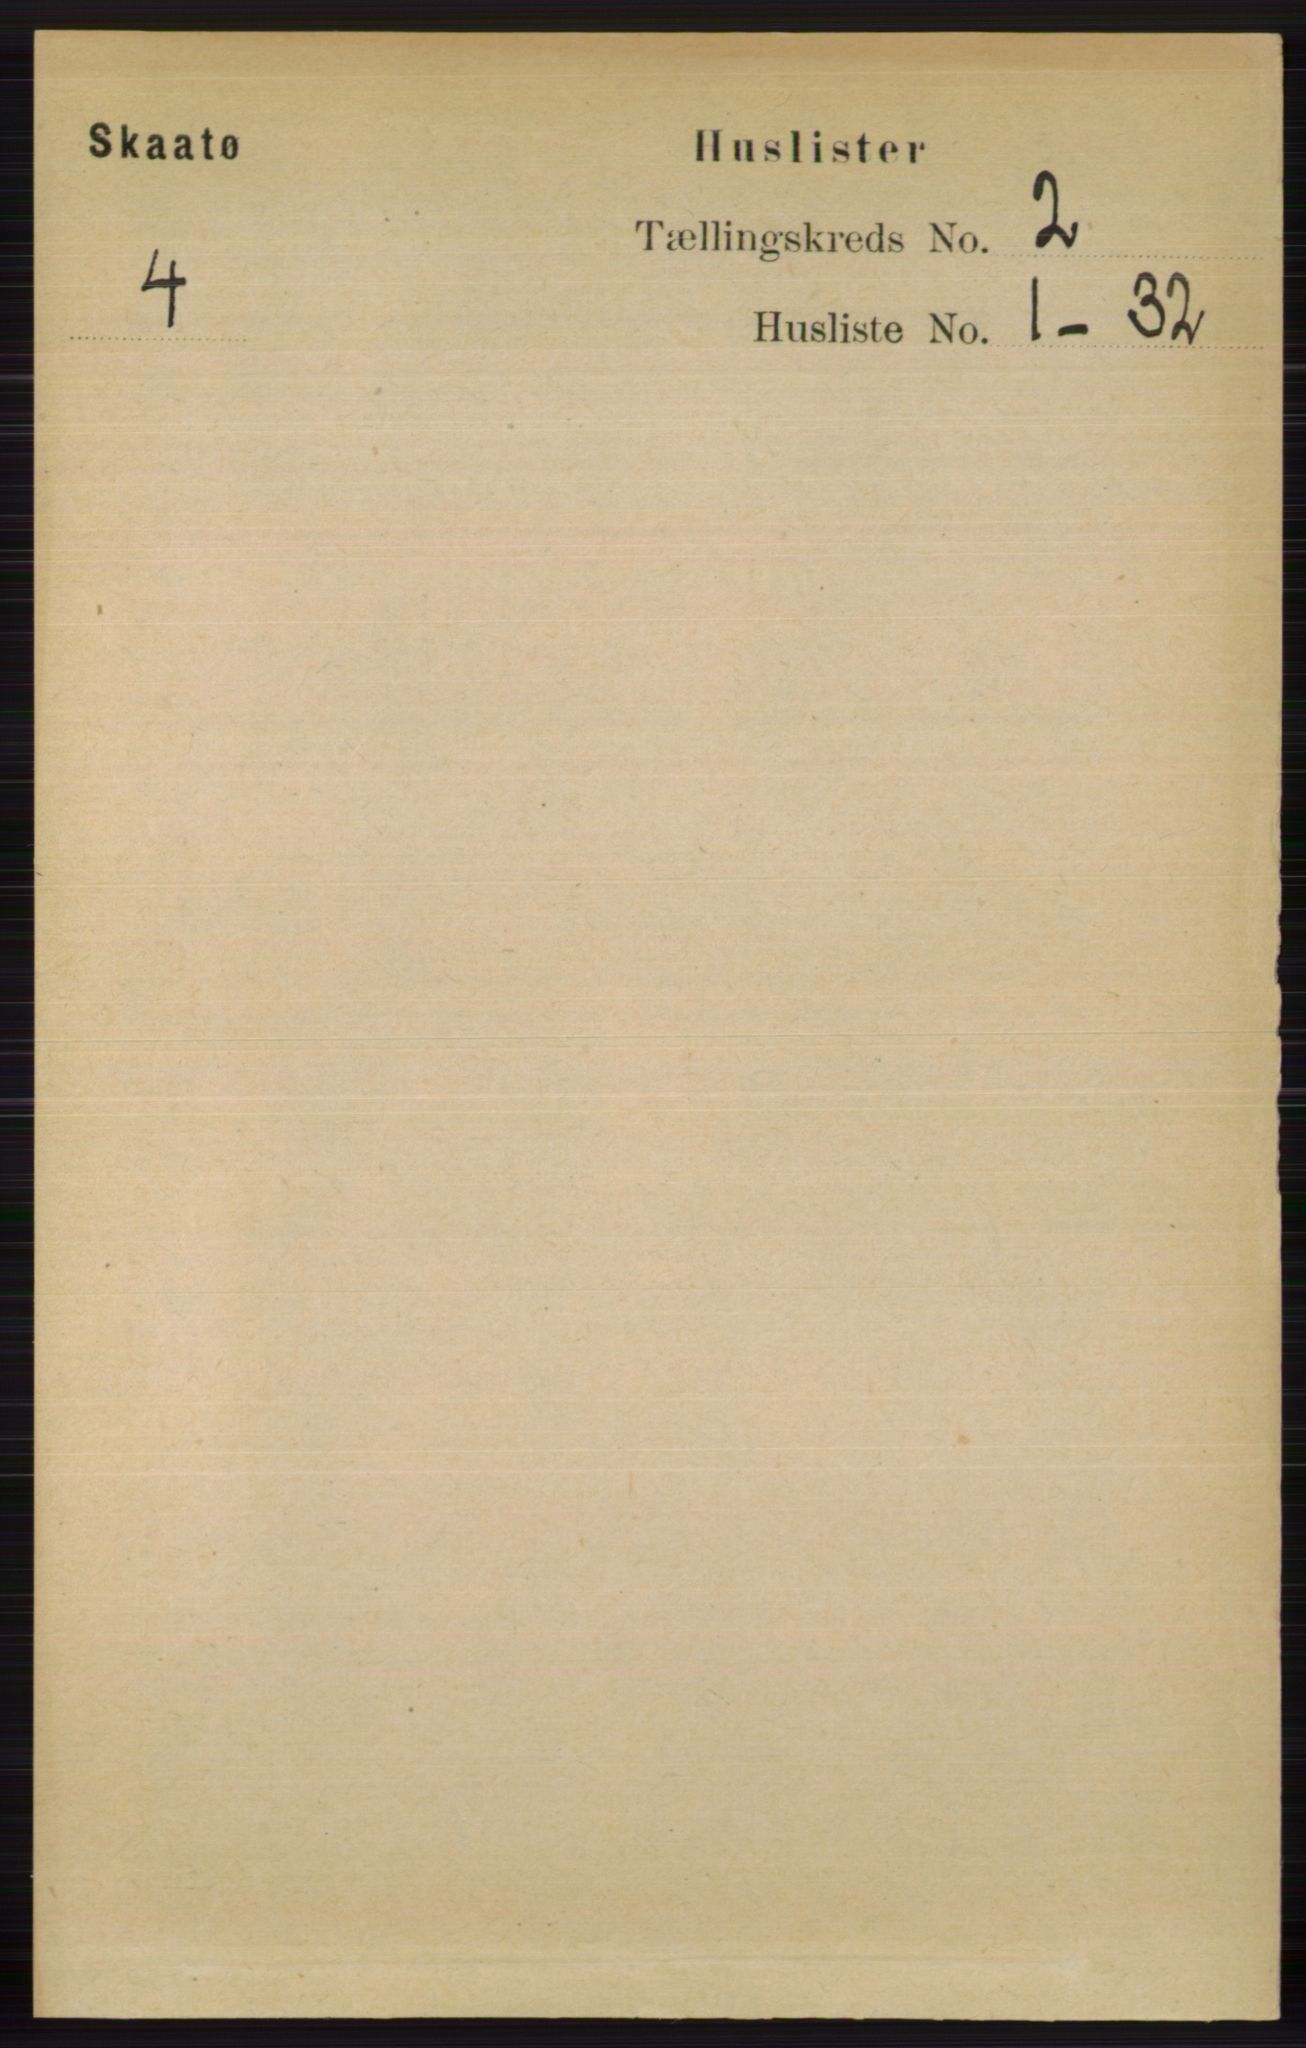 RA, Folketelling 1891 for 0815 Skåtøy herred, 1891, s. 384